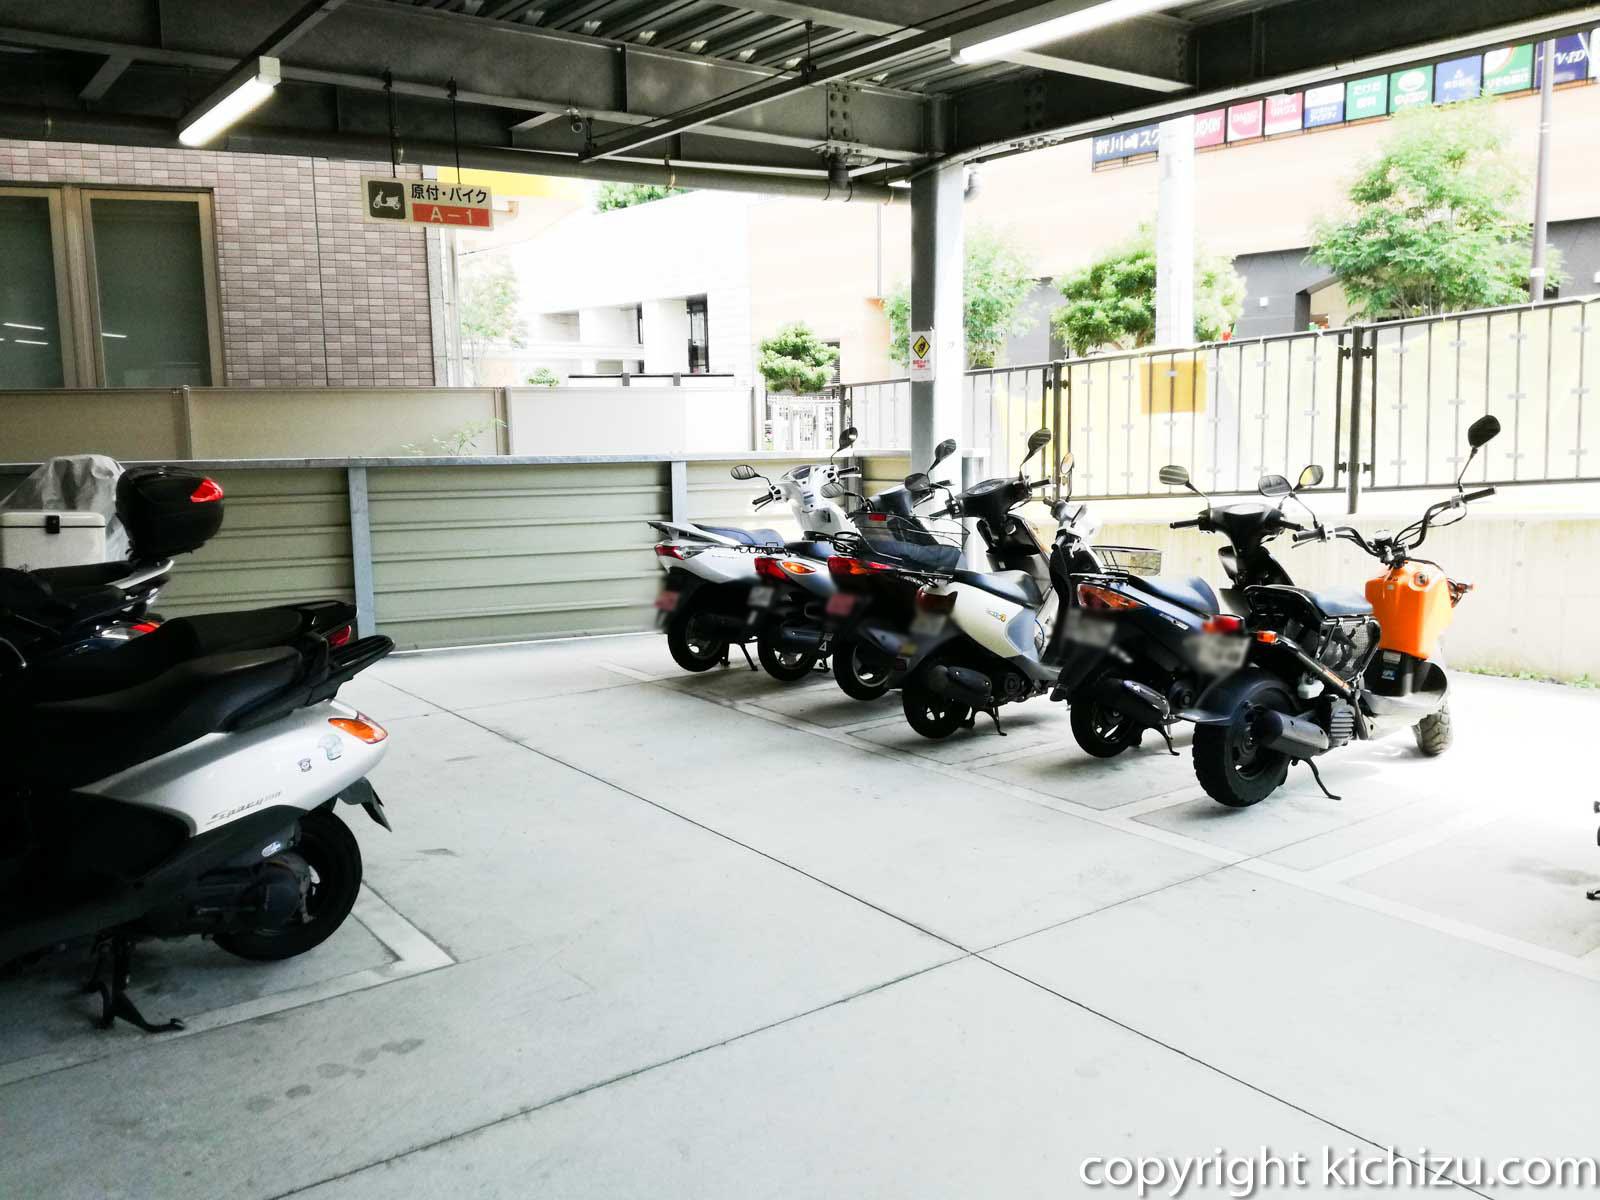 新川崎駅周辺自転車等駐車場 第6施設